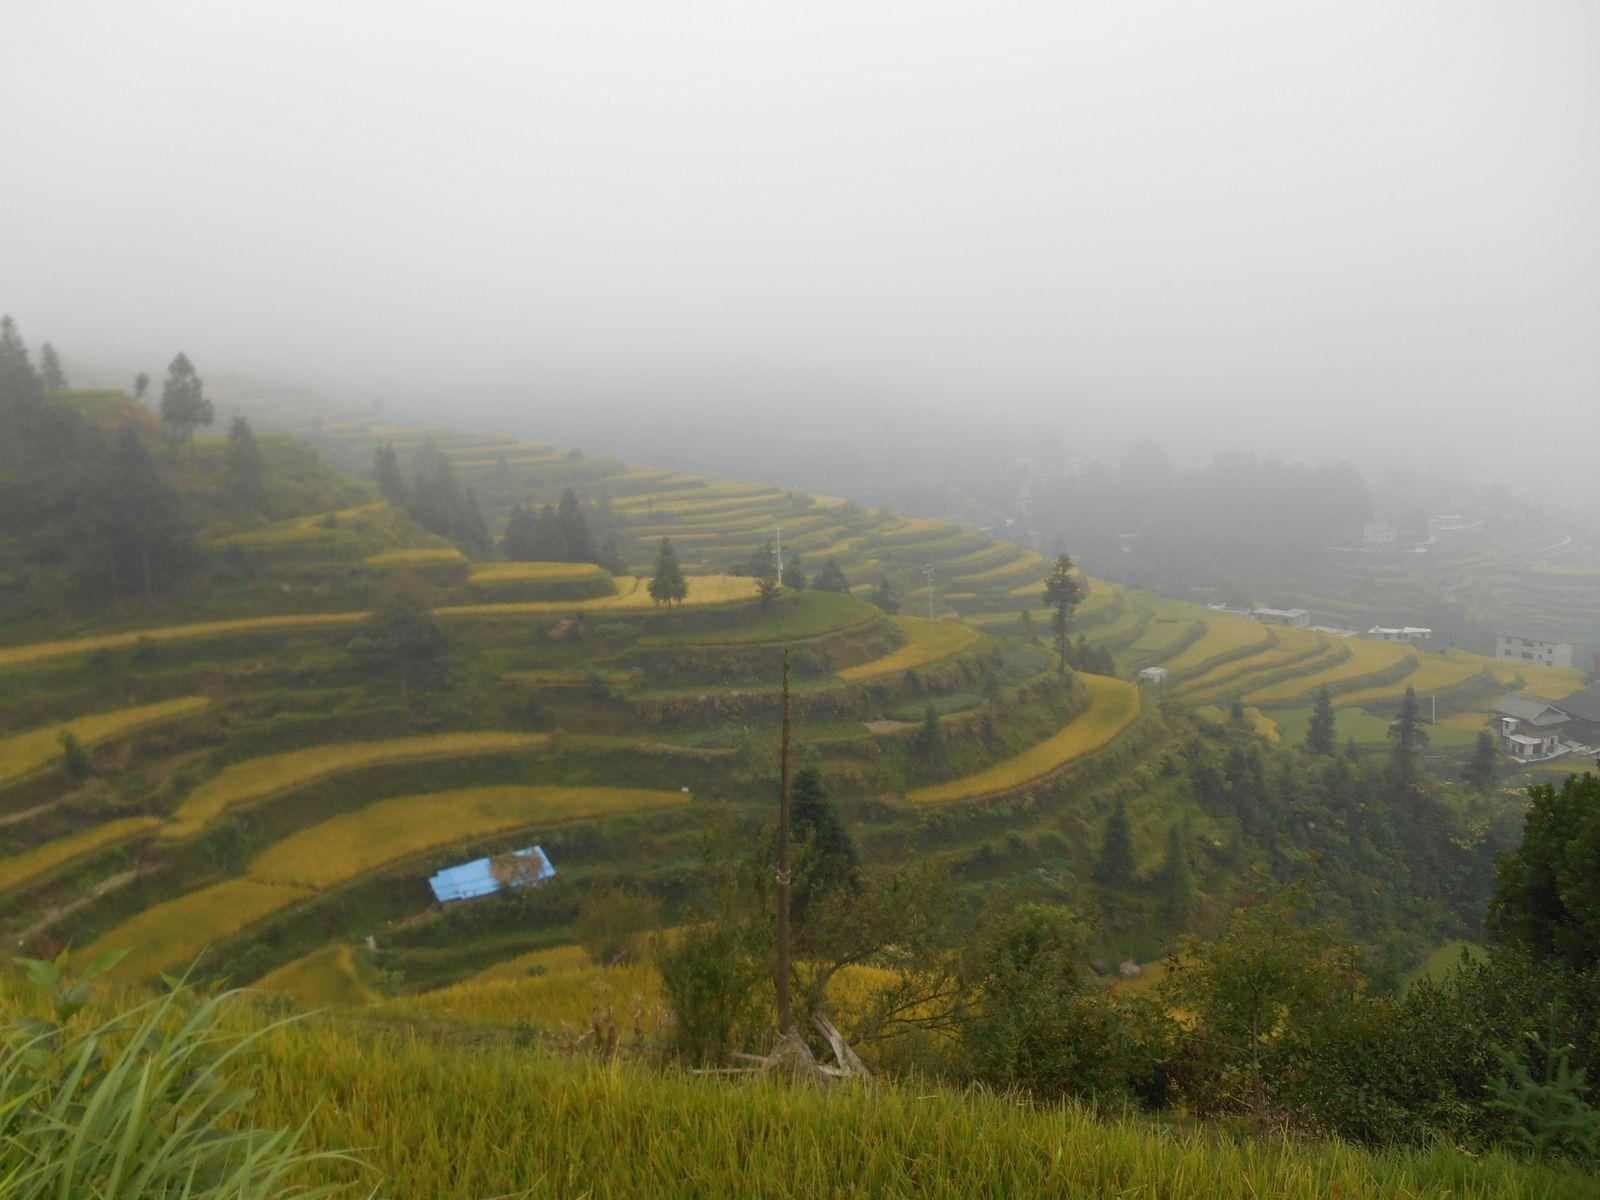 Le village est entouré de nombreuses rizières en terrasse...